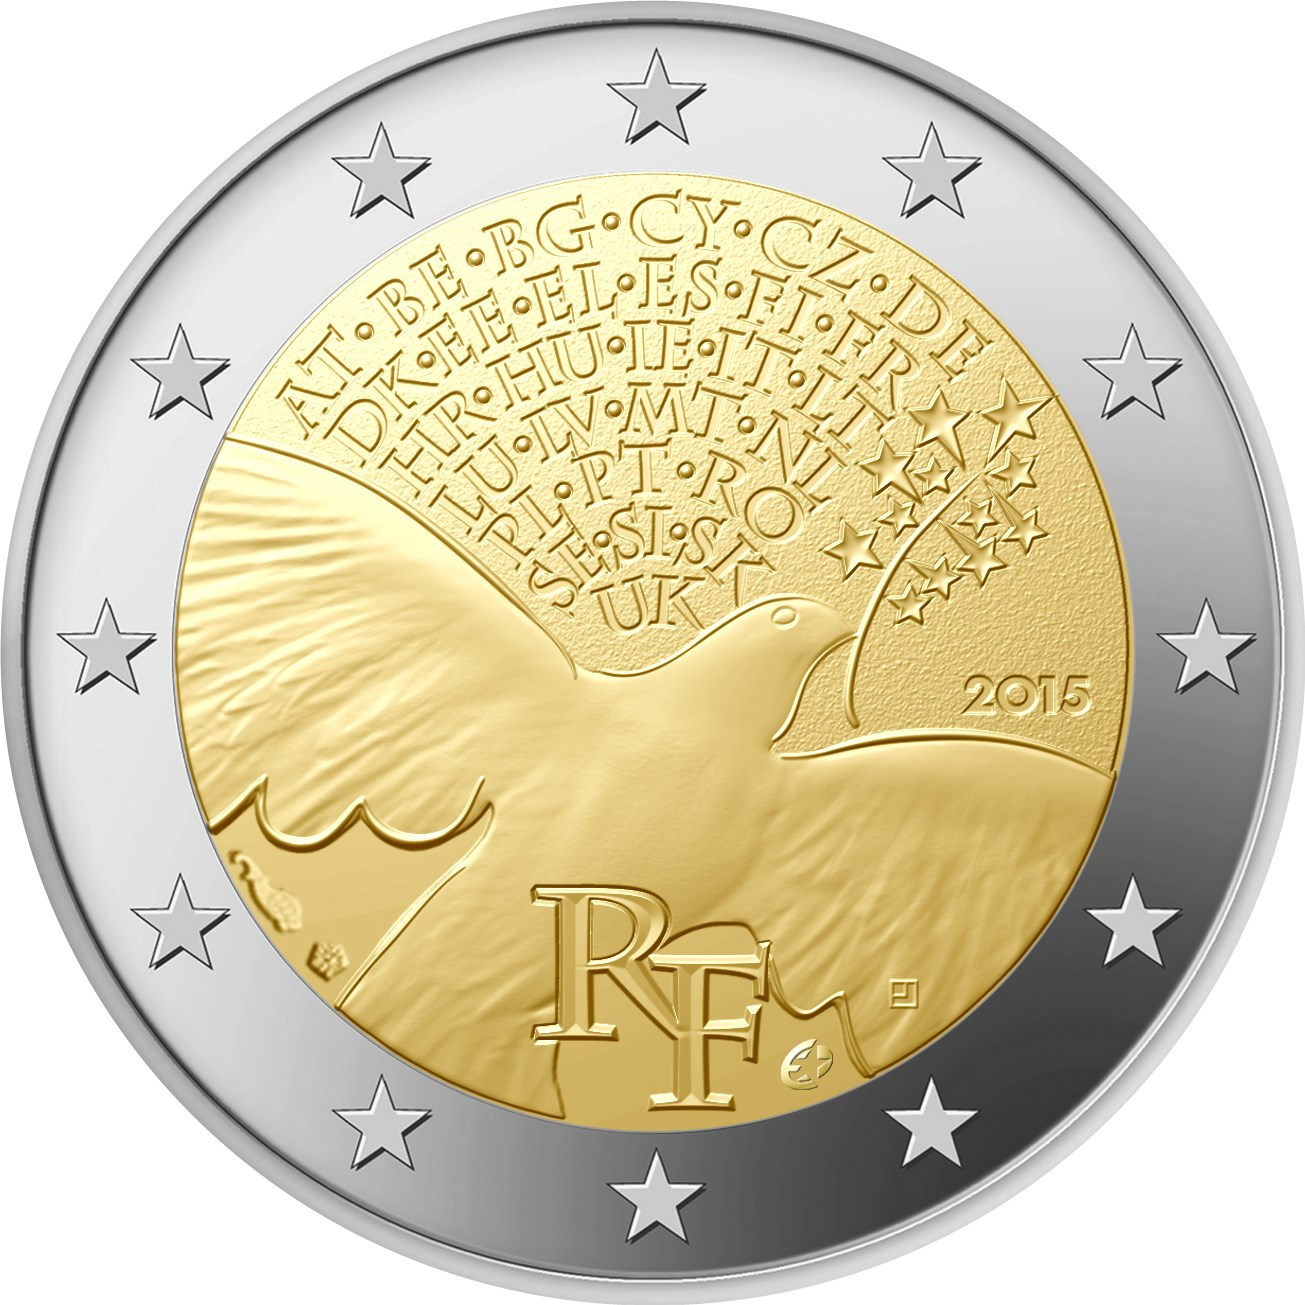 2 Euro Frankreich 2015 Frieden In Europa Graf Waldschratde In